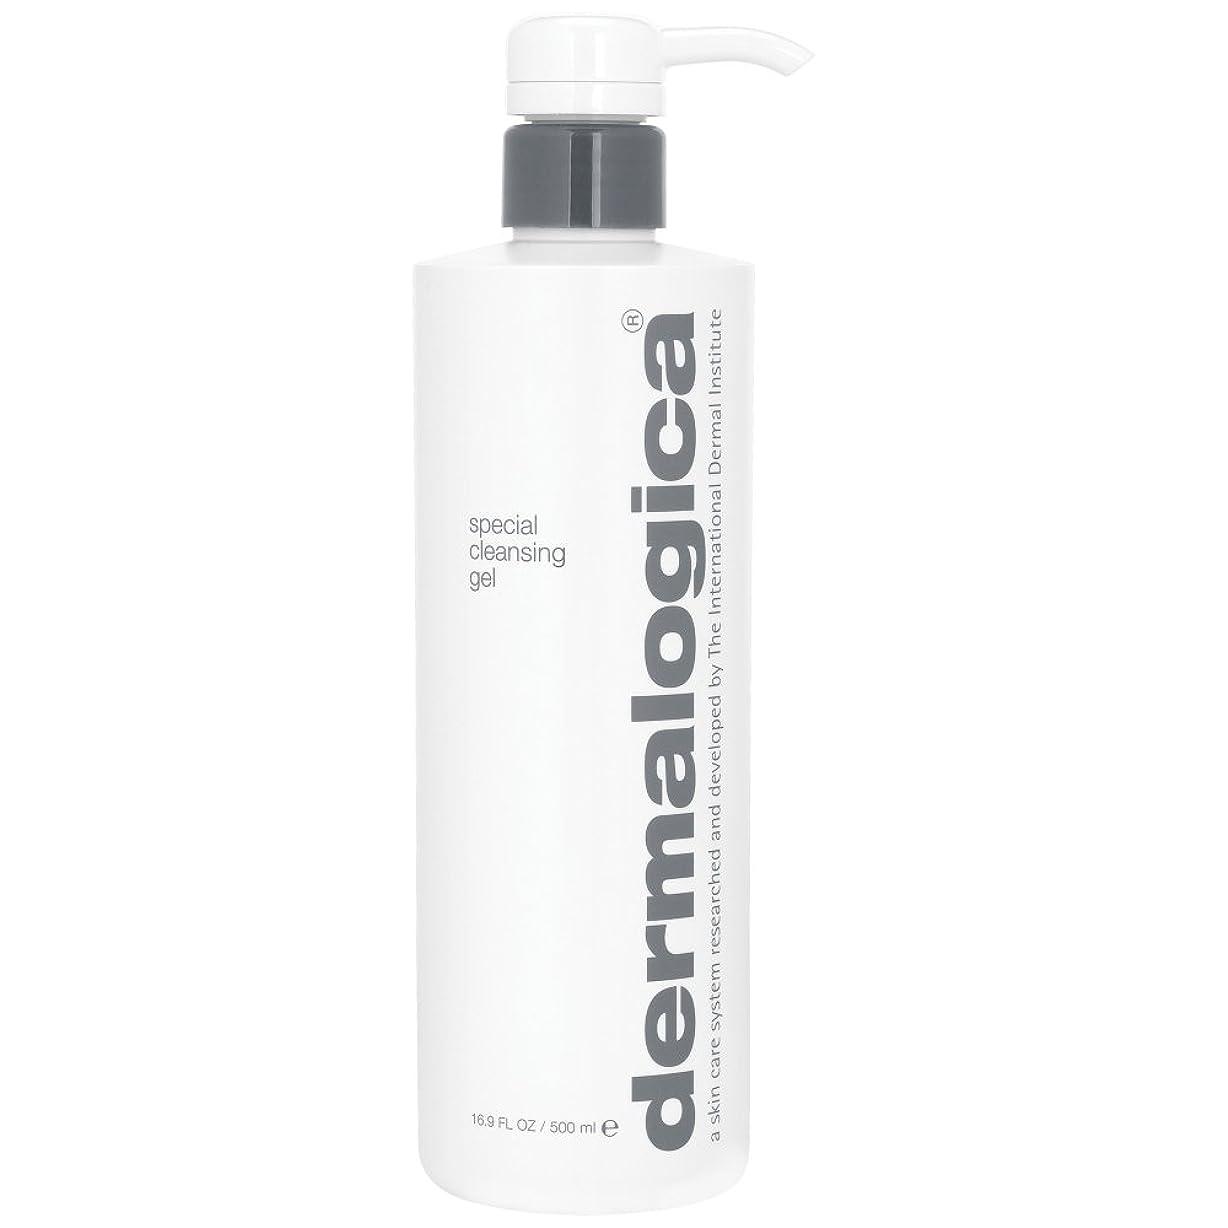 南提案爆発するダーマロジカ特別なクレンジングゲル500ミリリットル (Dermalogica) (x2) - Dermalogica Special Cleansing Gel 500ml (Pack of 2) [並行輸入品]